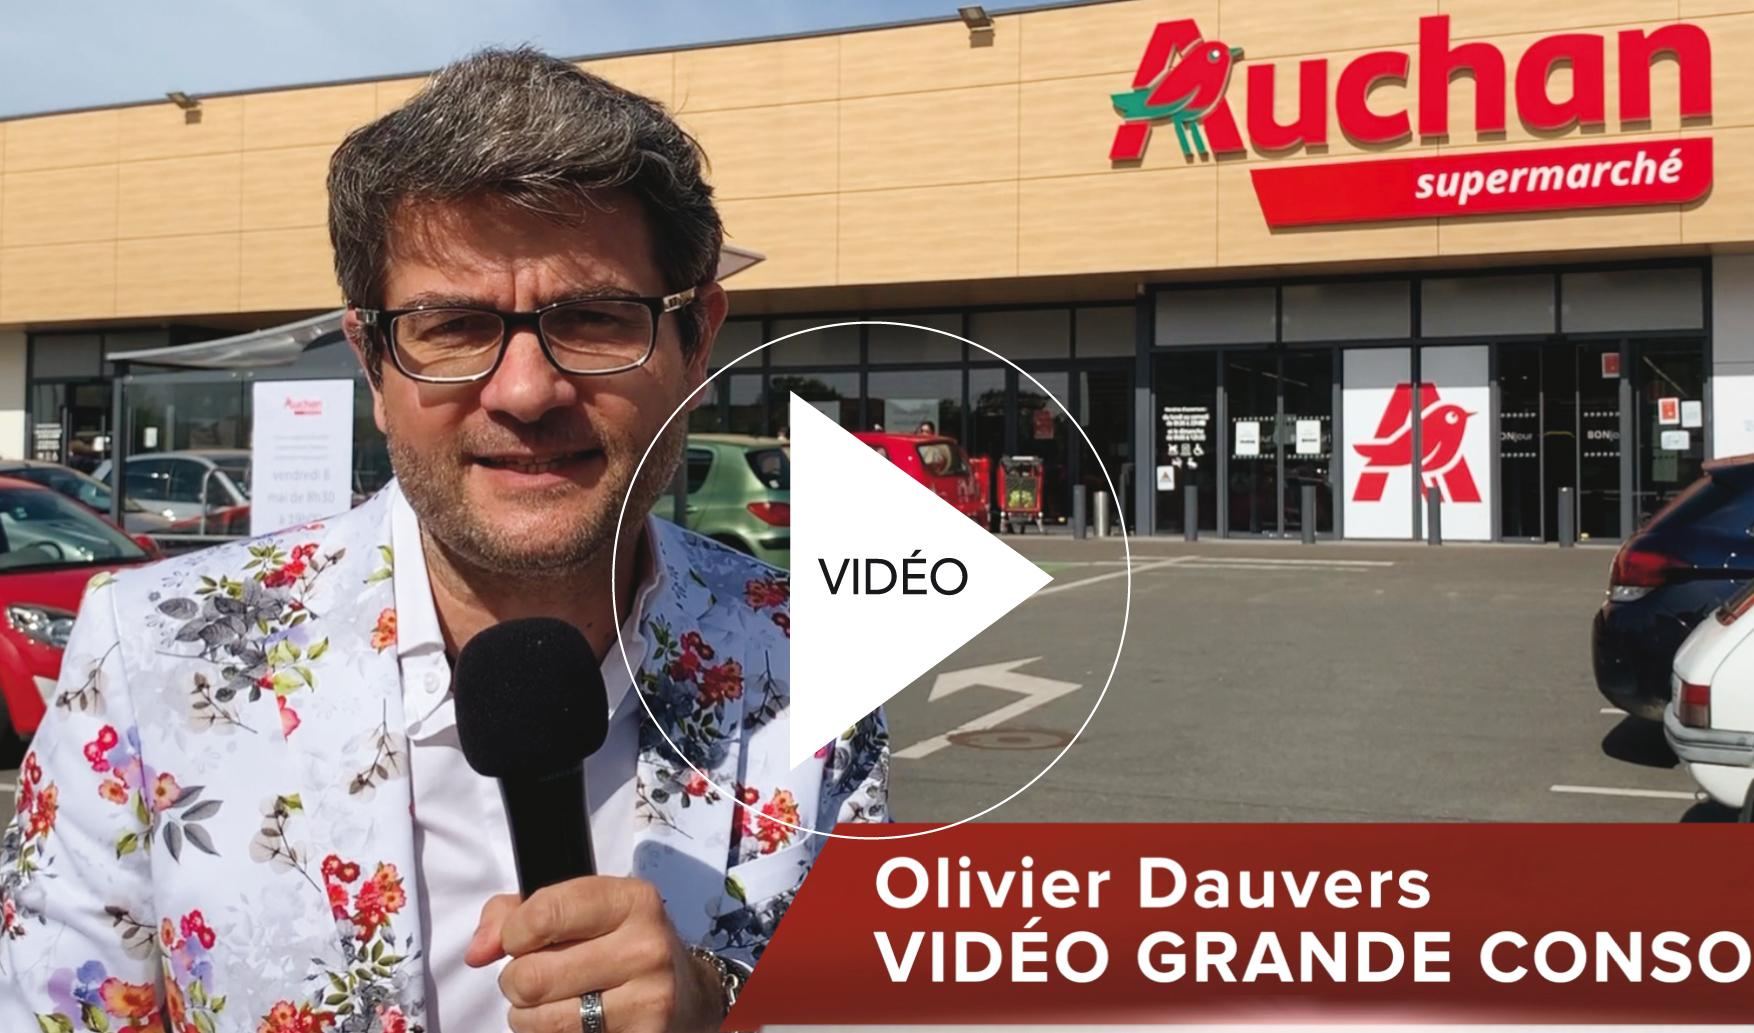 OD VGC Auchan Super